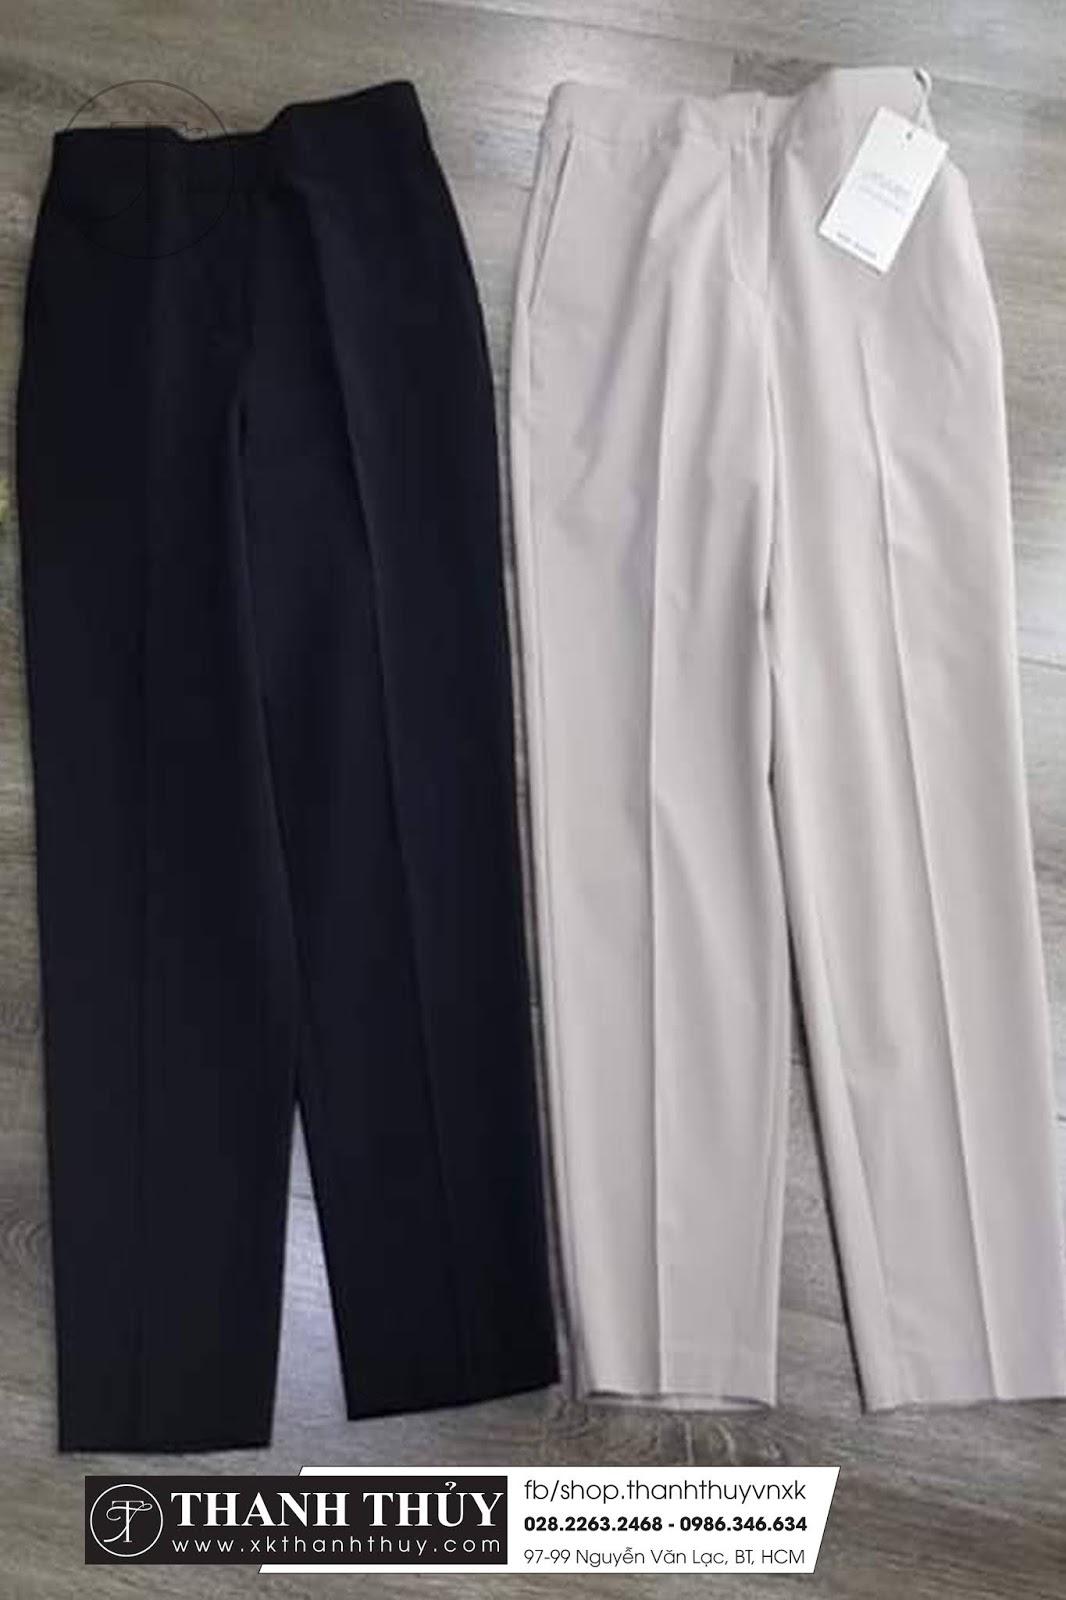 Quần tây xuất Hàn chất vải co giản, mềm mại hàng xuất Hàn Quốc